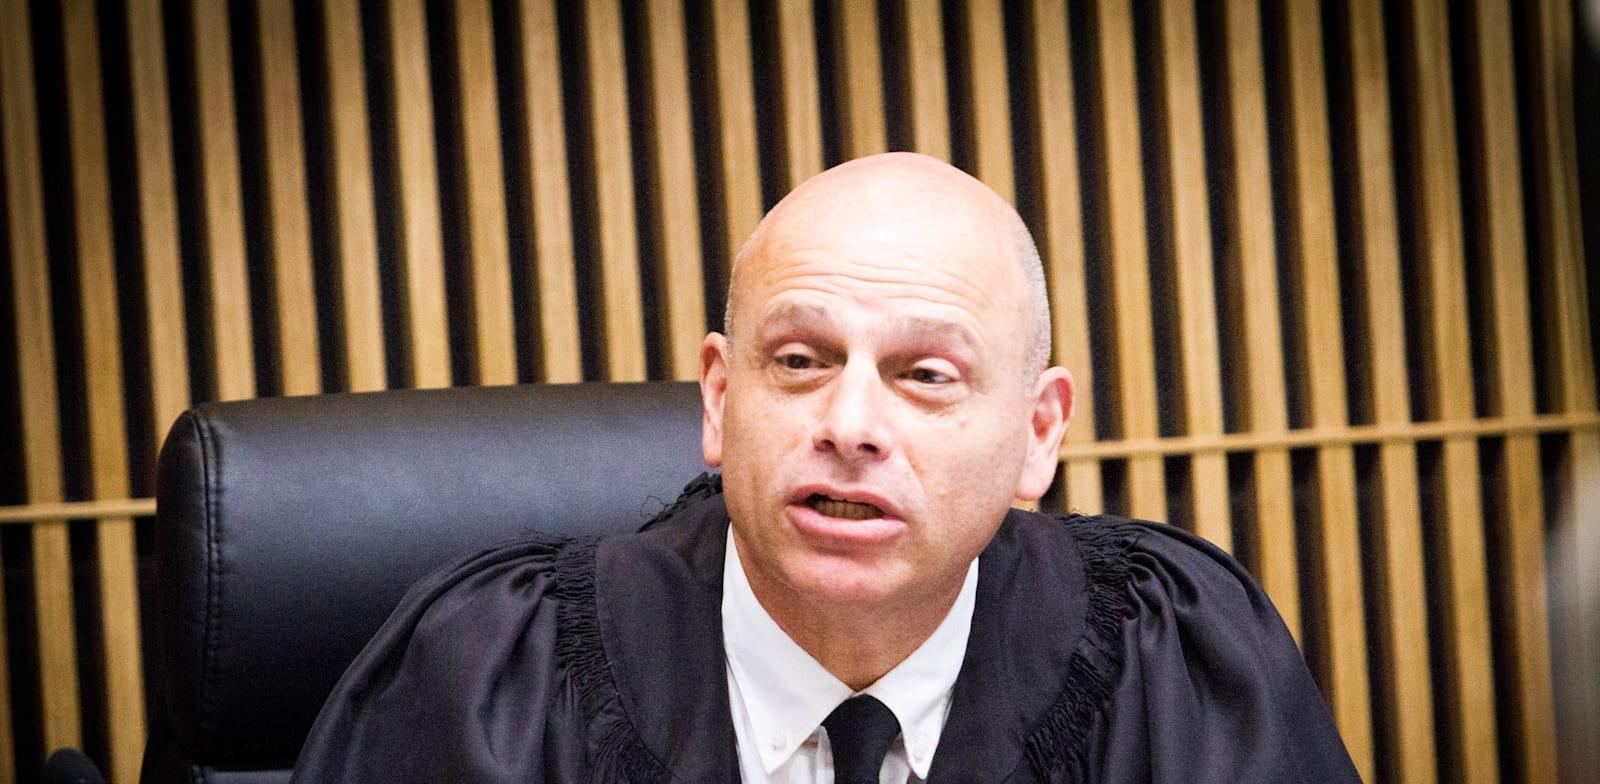 השופט איתן אורנשטיין / צילום: שלומי יוסף